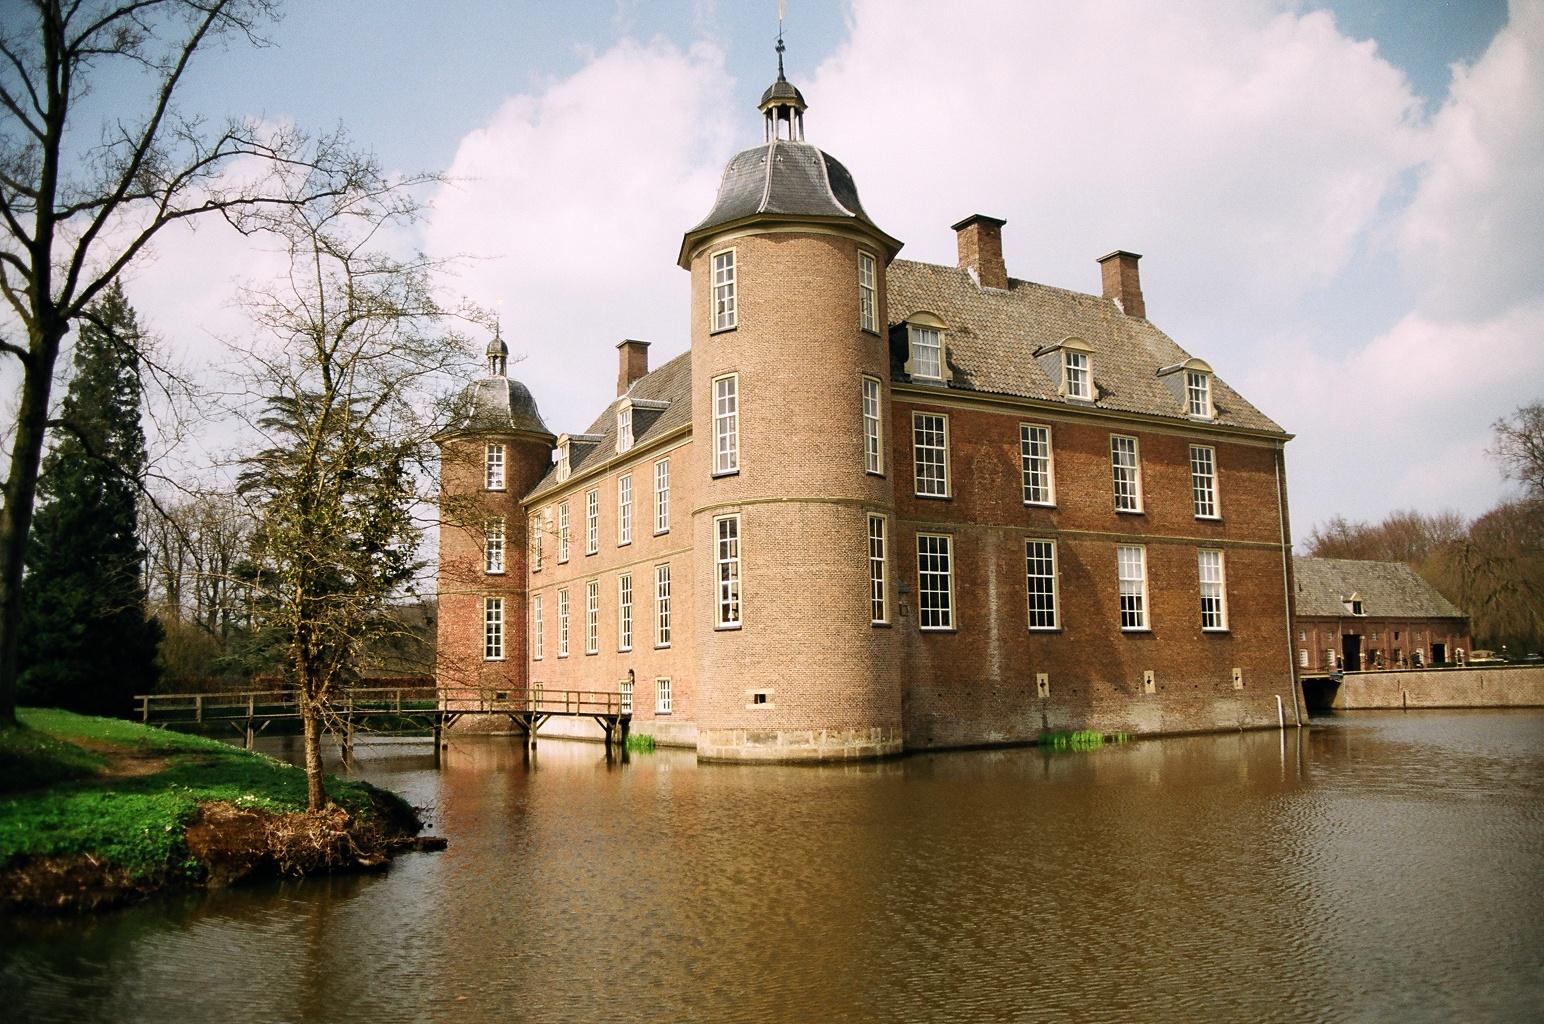 kasteel slangenburg.jpg